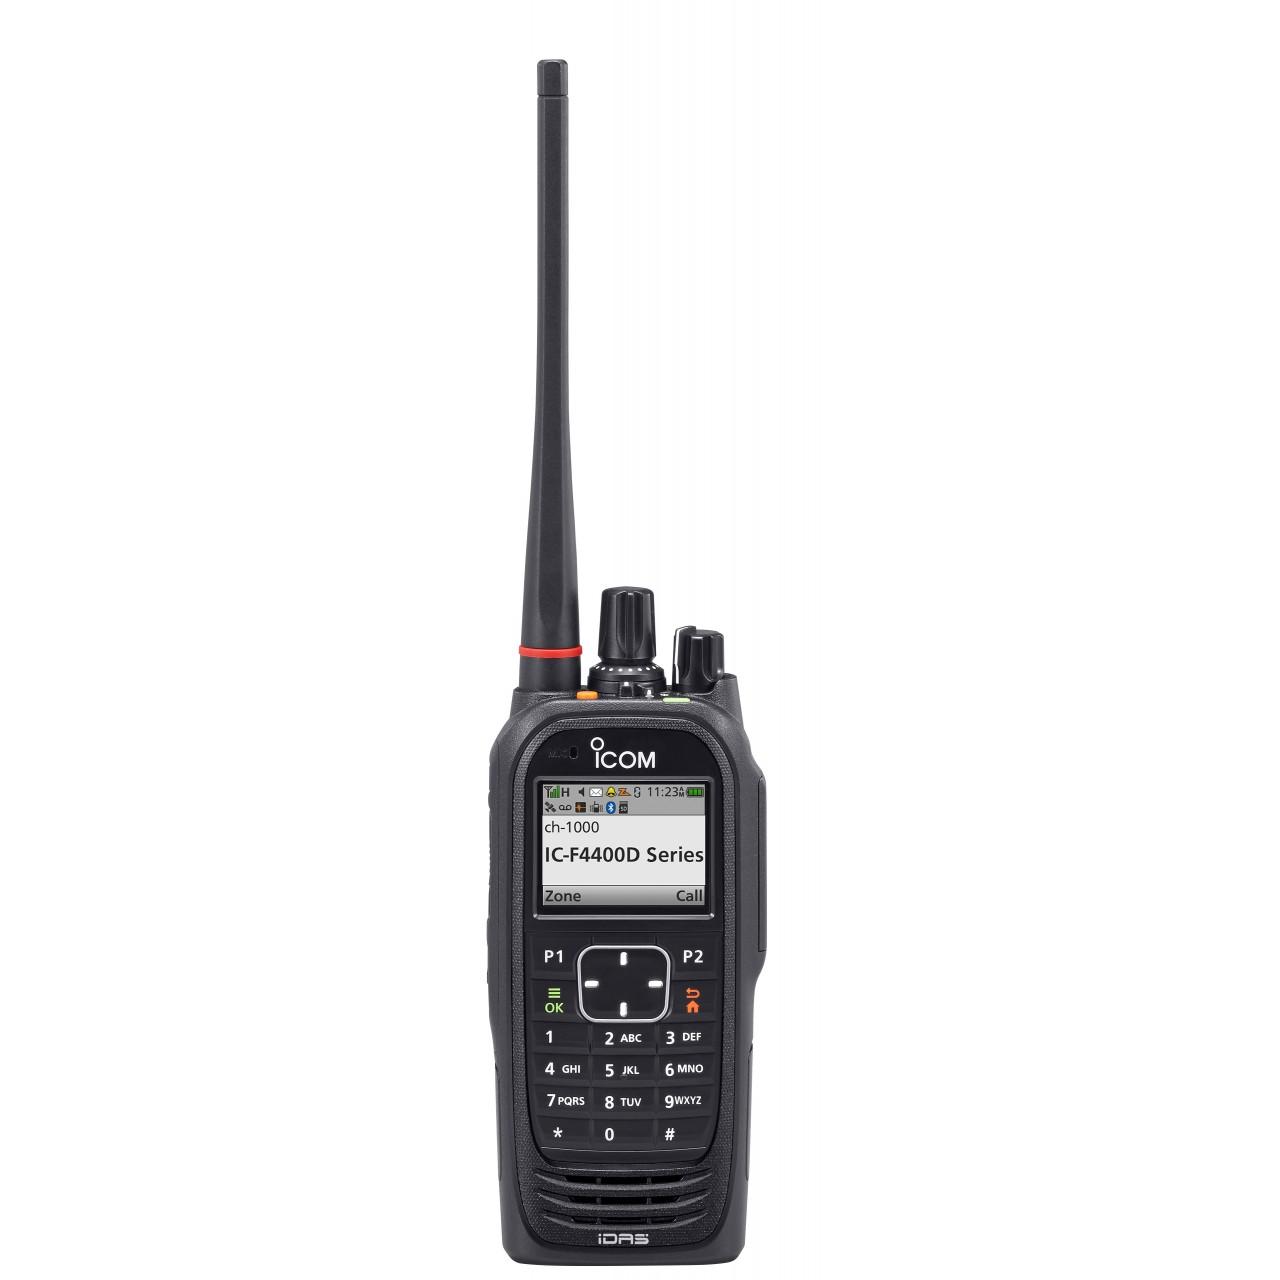 IC-F4400DT Portatifs - ICOM